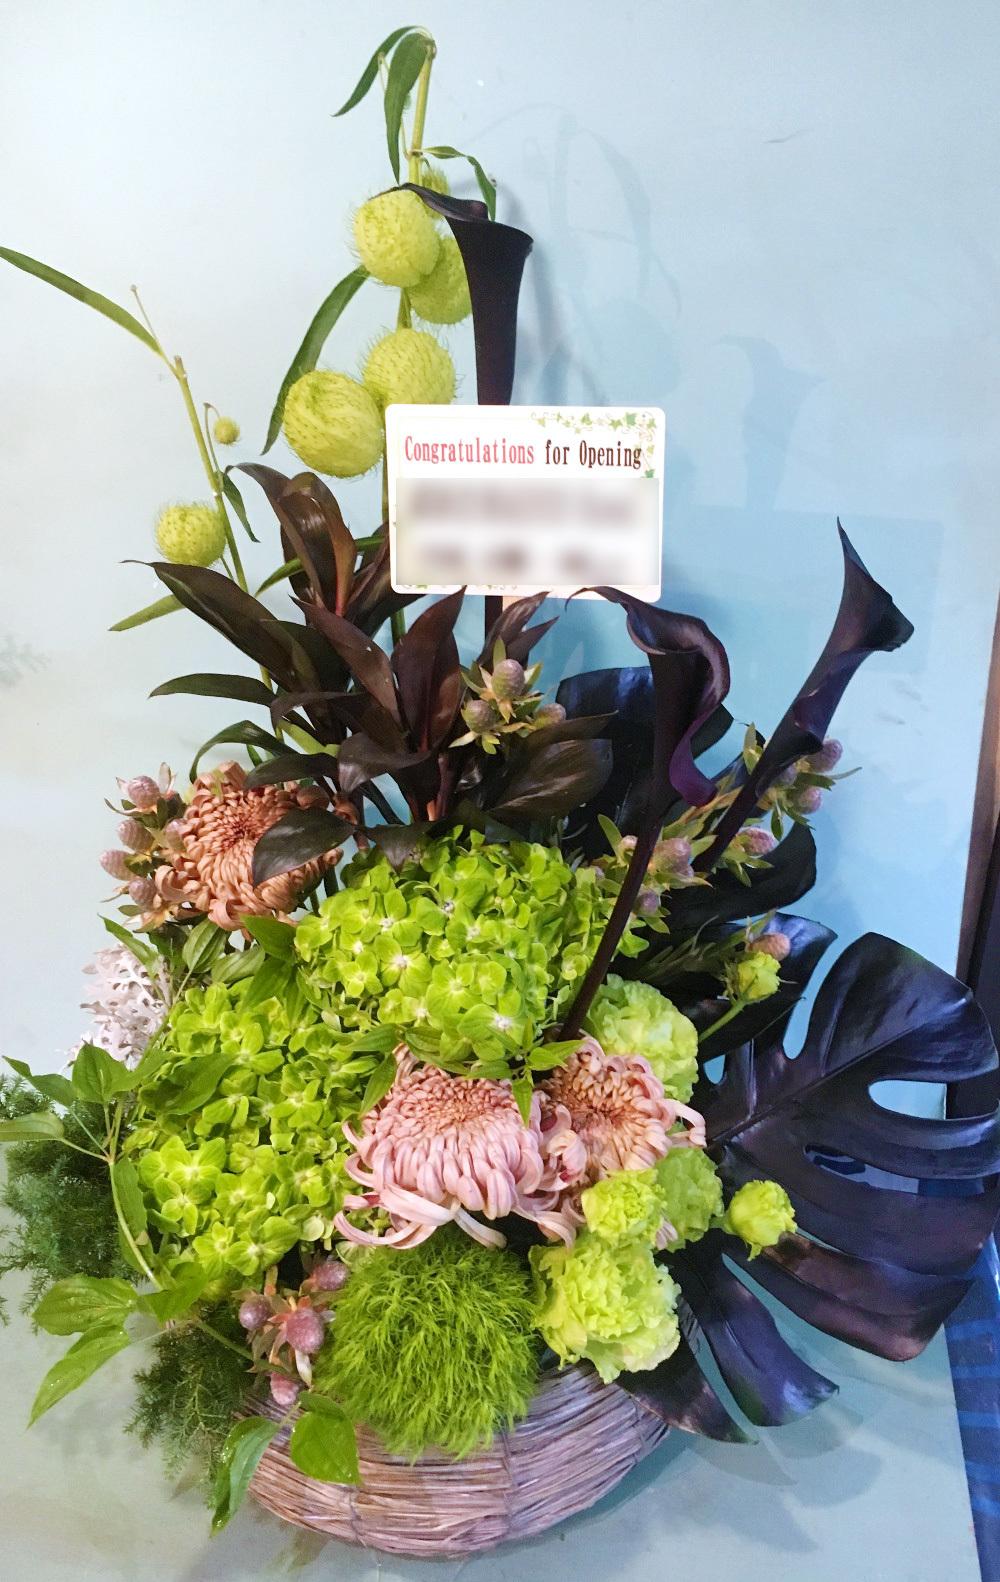 緑と黒が貴重のスタイリッシュなホテルにマッチする開業祝い花